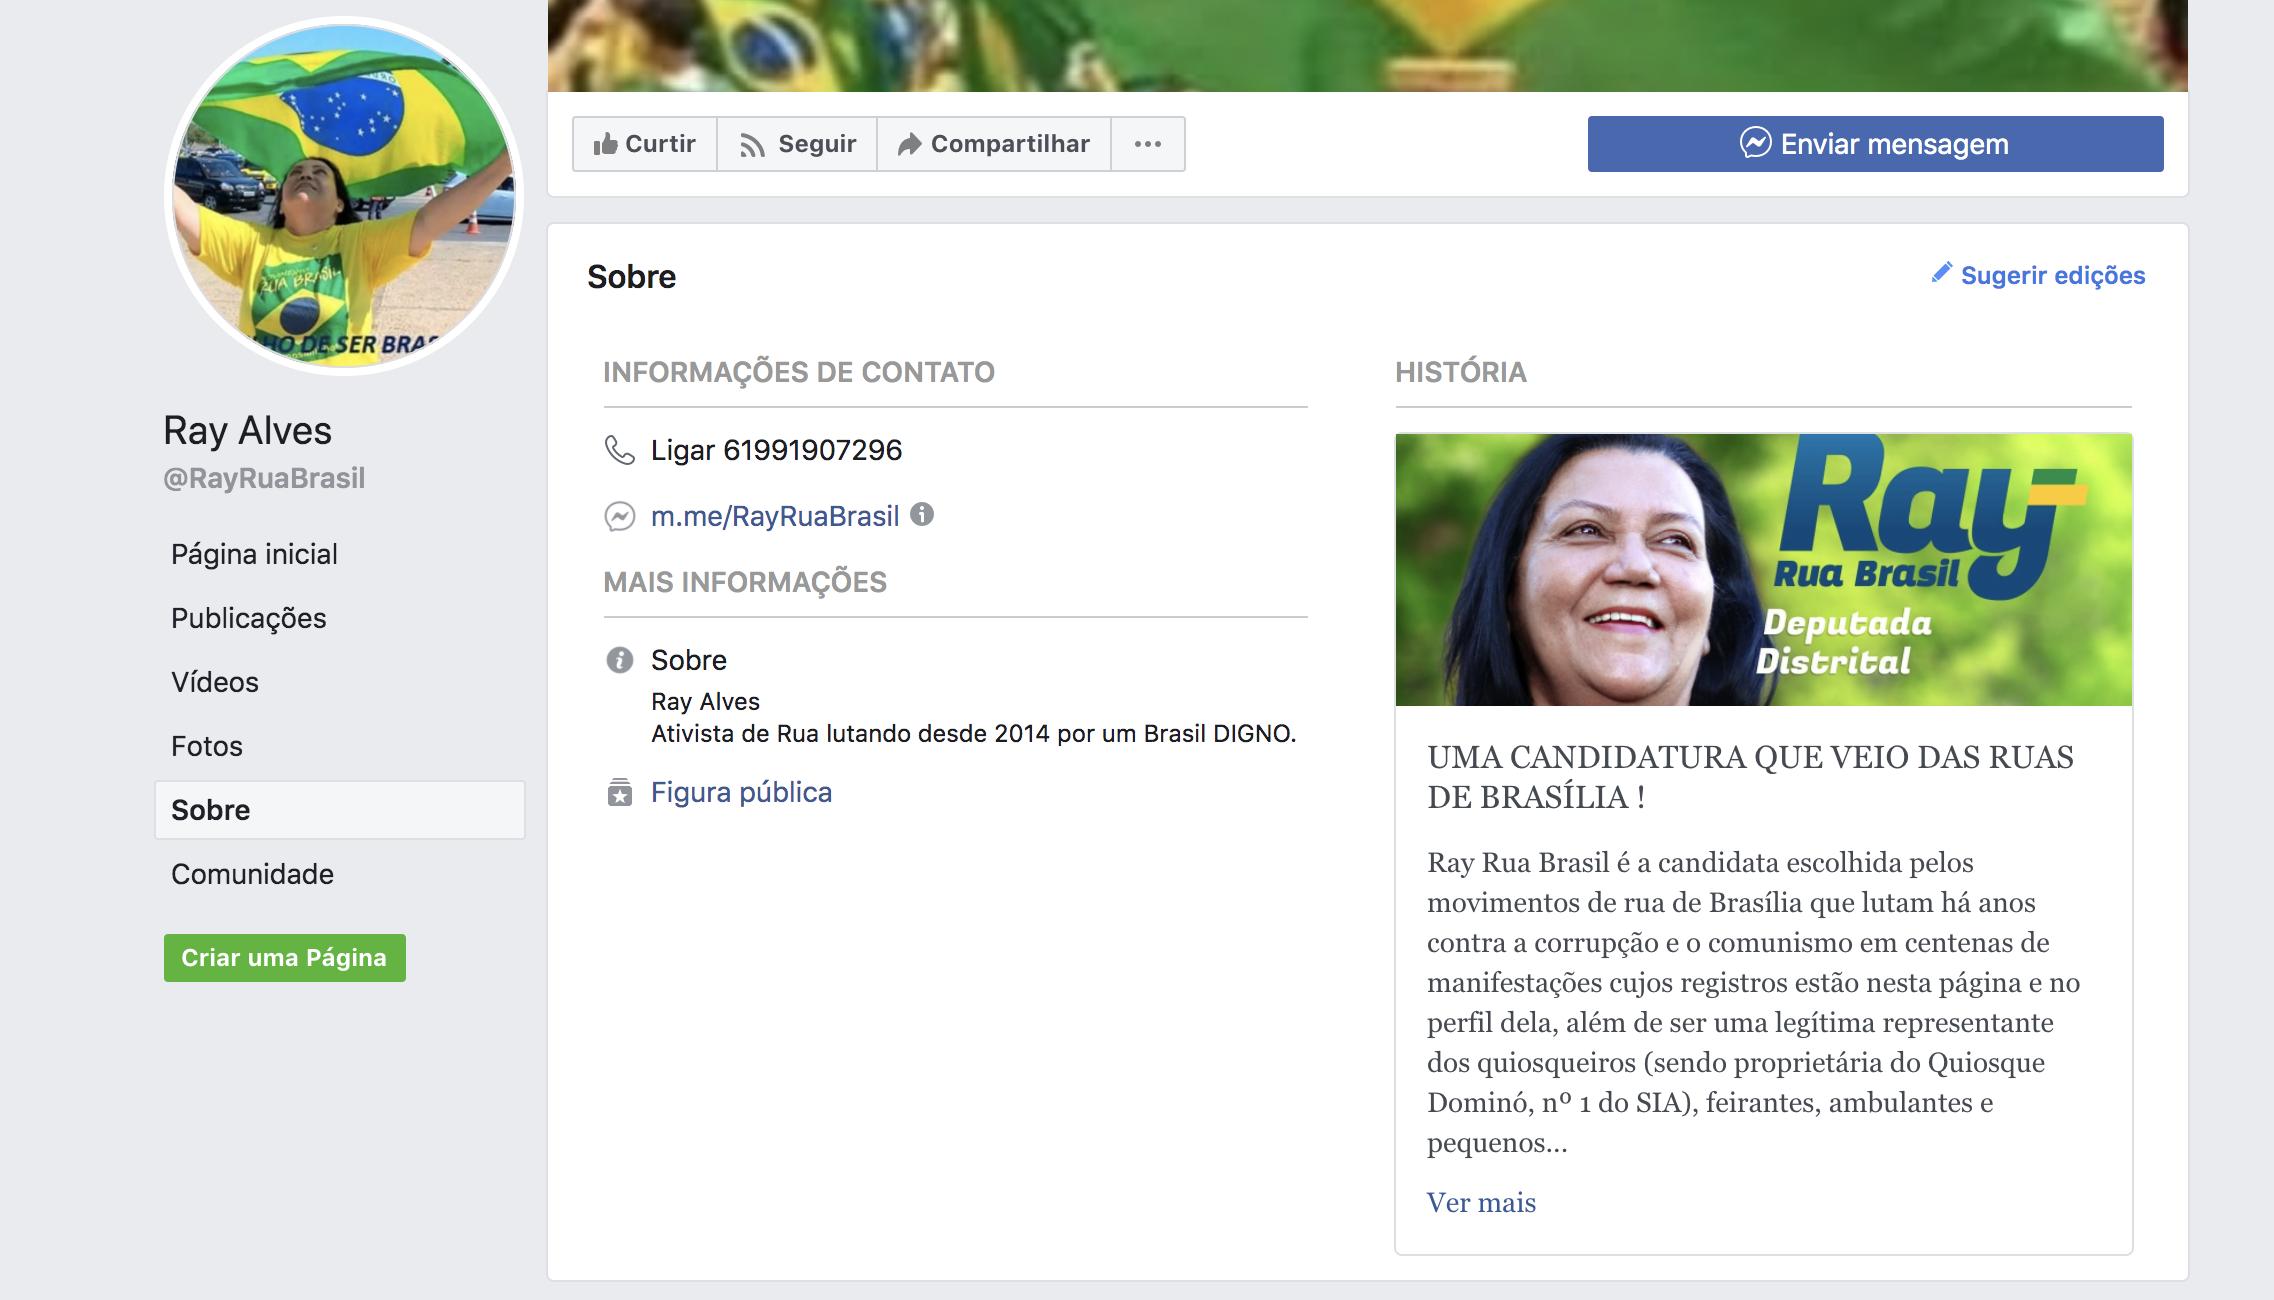 Em sua página no Facebook, Reis afirma ser dona do quiosque Dominó, em Brasília –seu único feito antes de integrar o ministério de Damares.